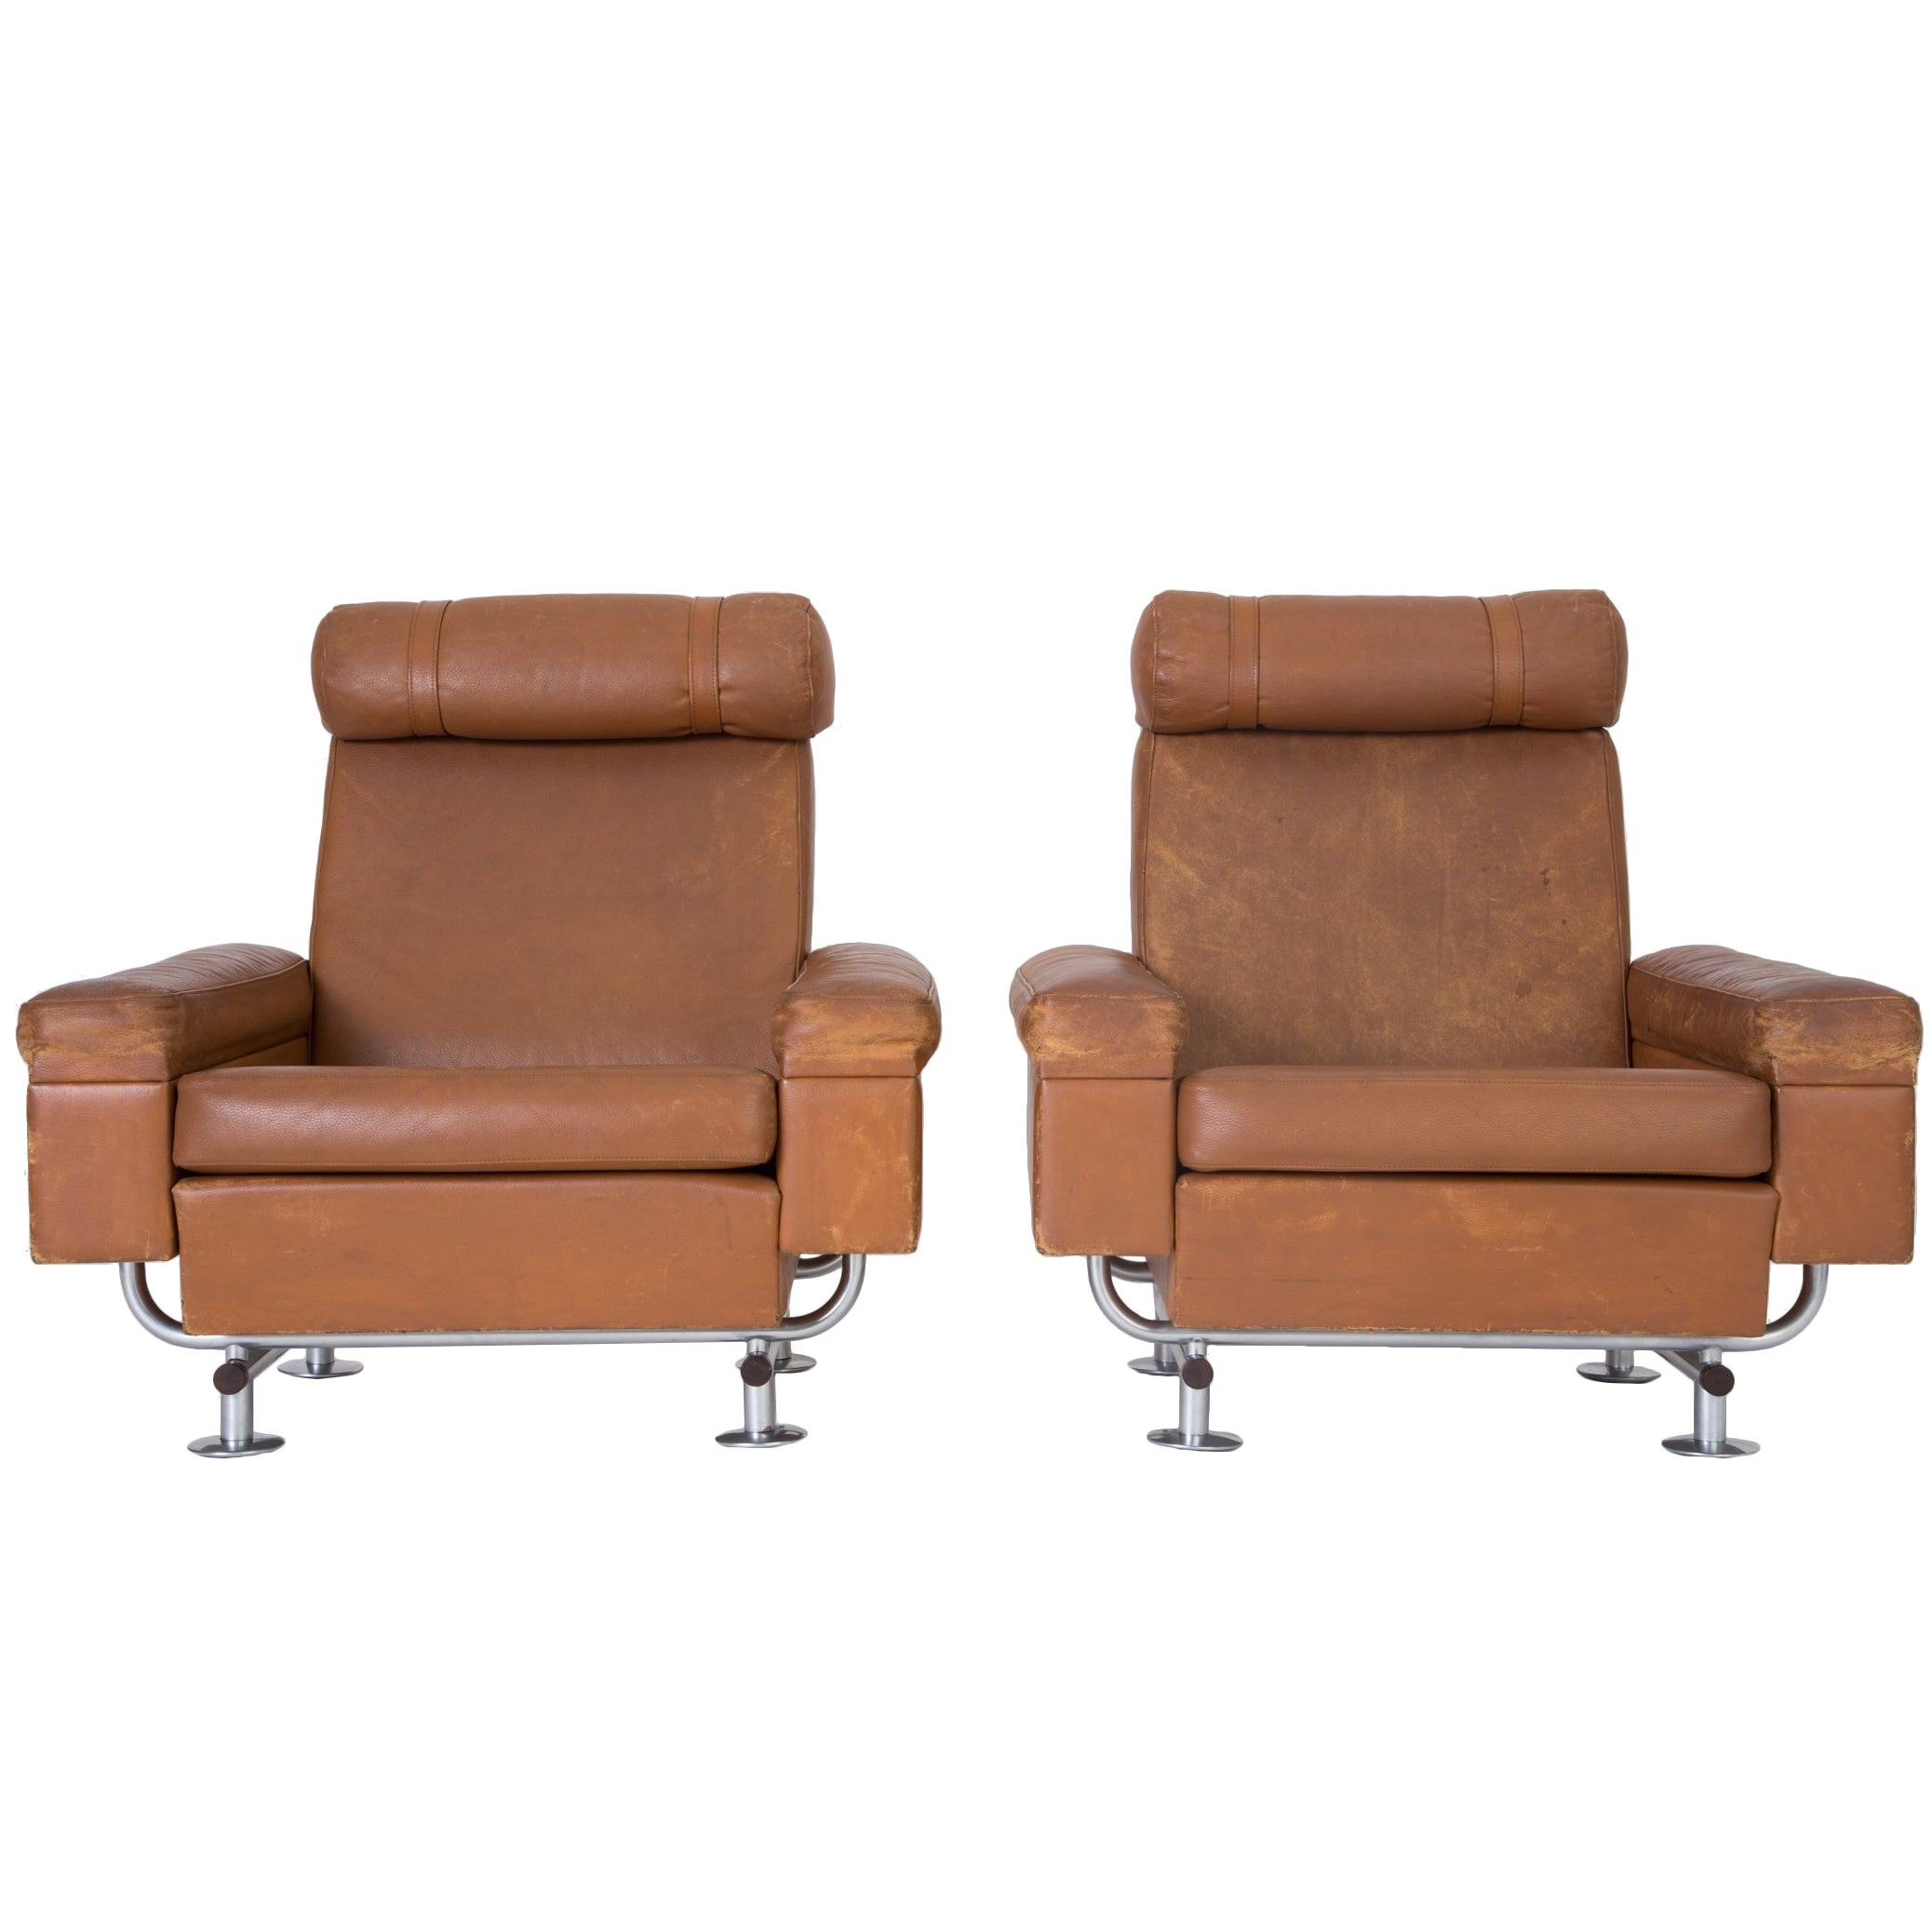 Pair of Illum Wikkelsø High-Backed Lounge Chairs for Ryesberg Møbler